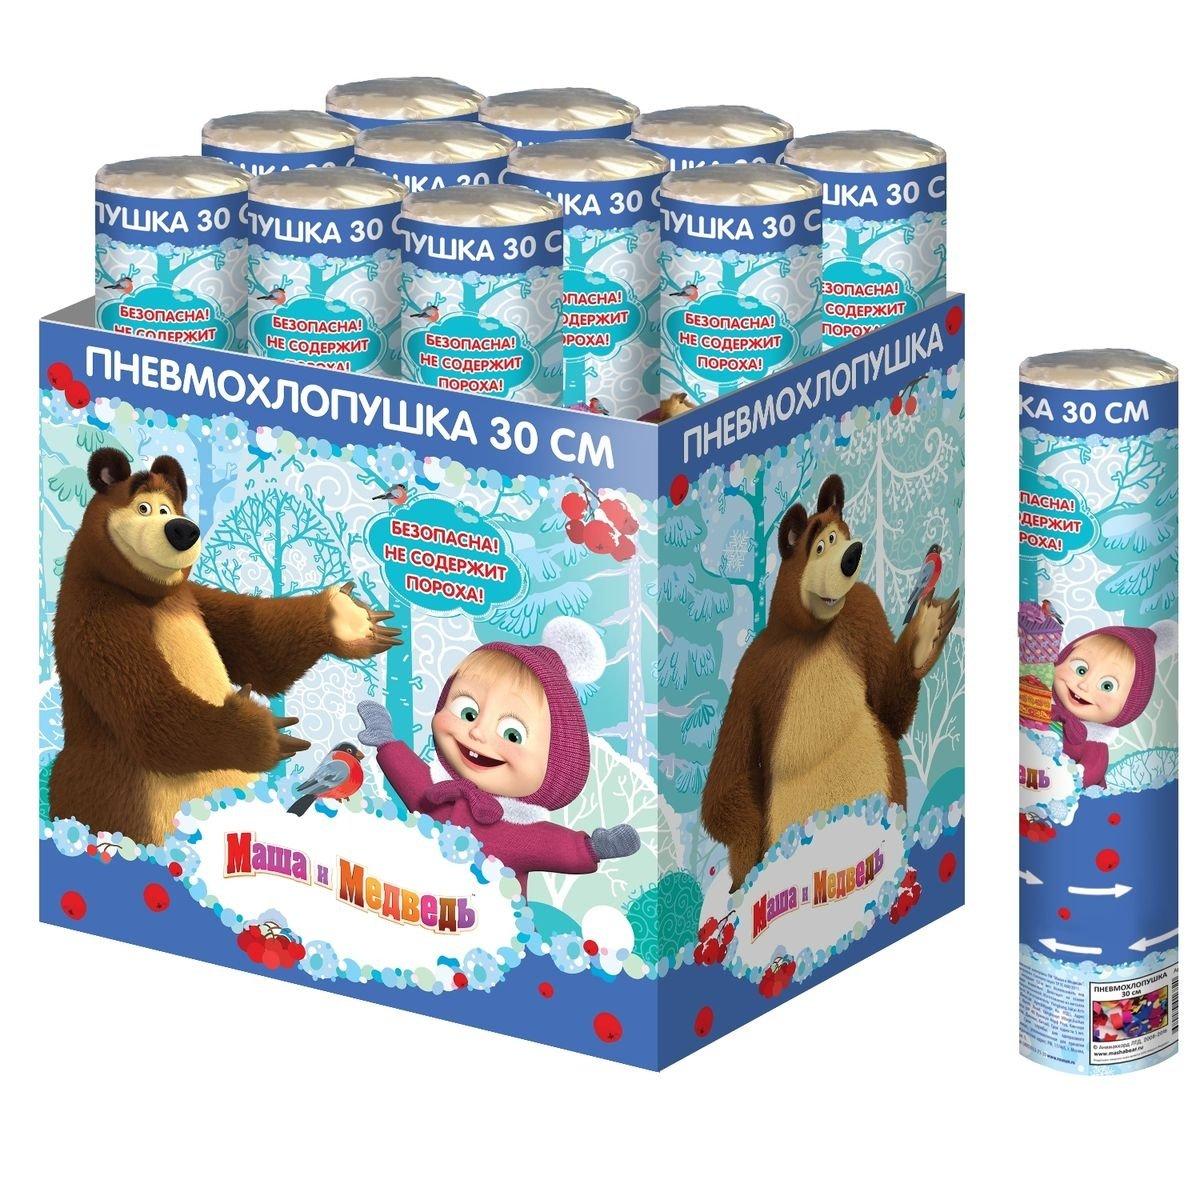 Хлопушка-конфетти Маша и Медведь Маша и Медведь, 1шт.